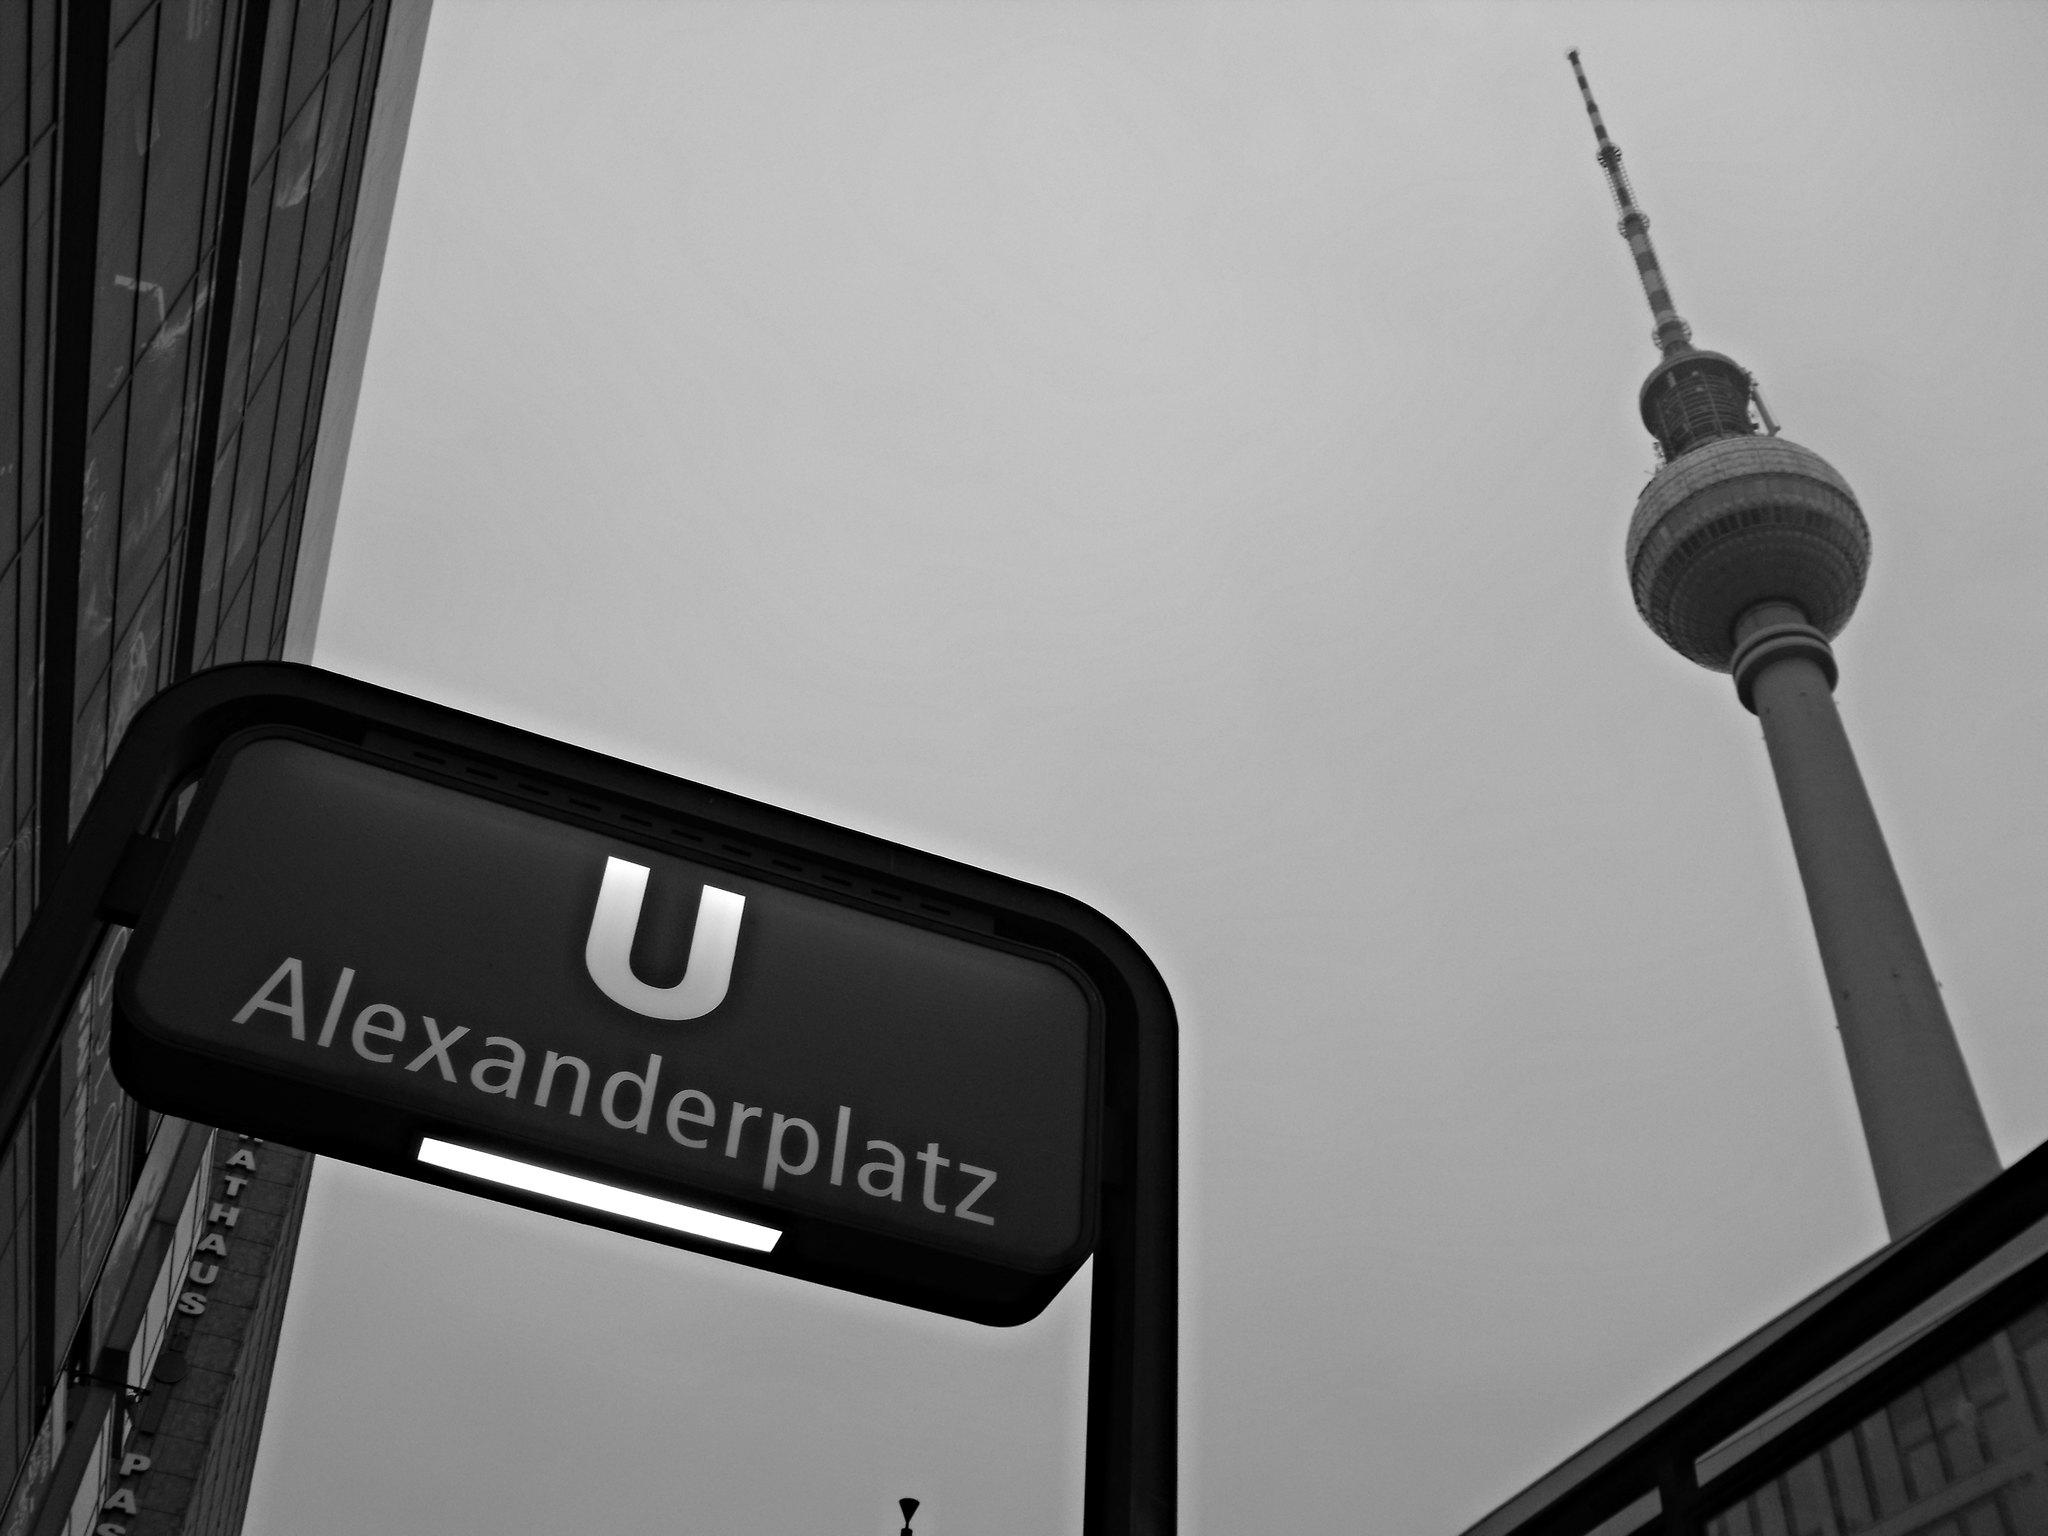 Alexanderfuzz